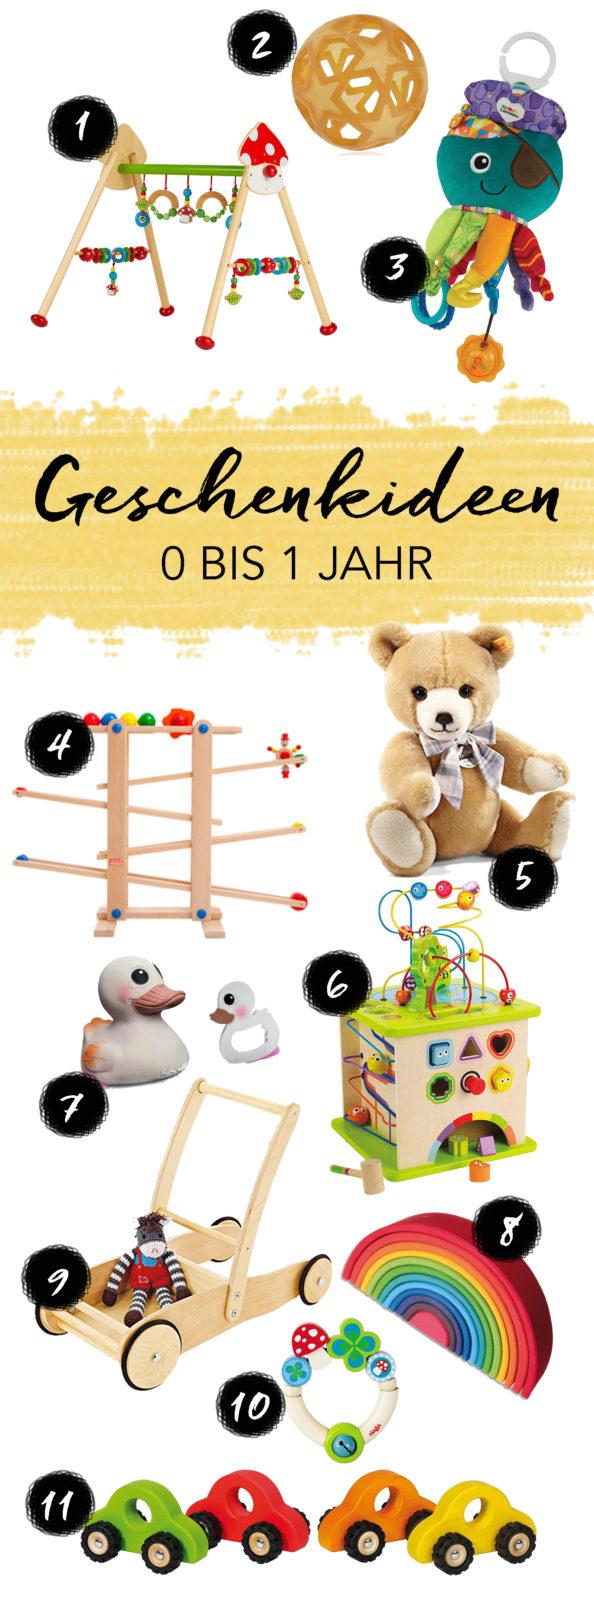 geschenkideen f r babys und kinder im alter von 0 bis 1. Black Bedroom Furniture Sets. Home Design Ideas